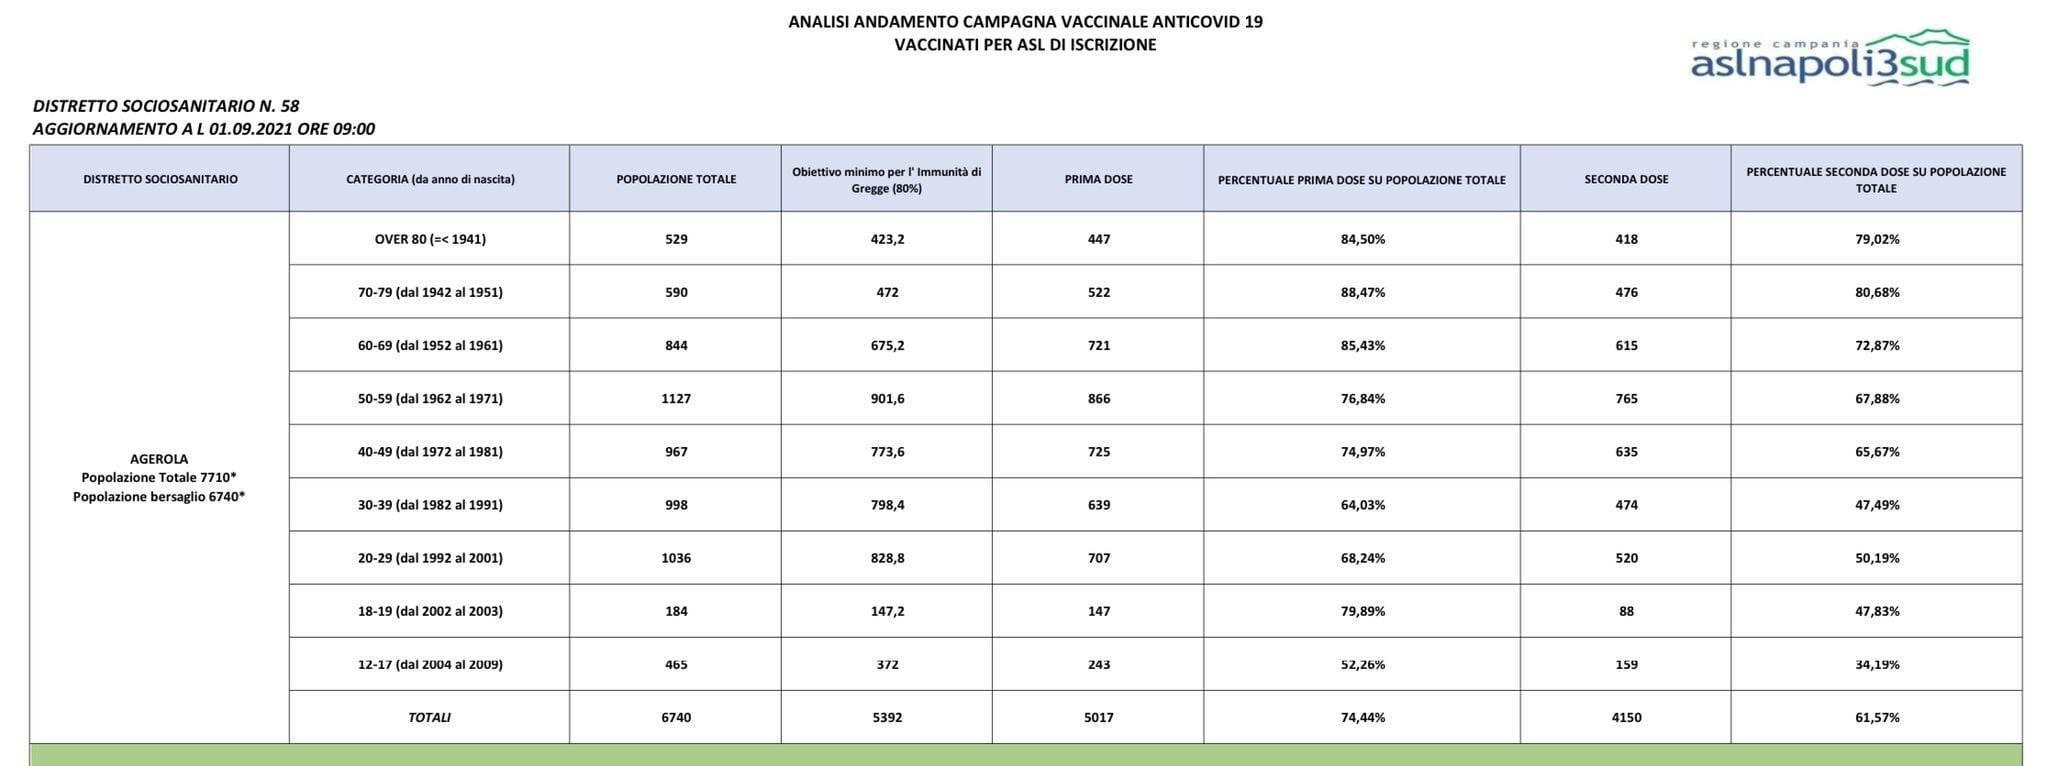 Prosegue la campagna vaccinale ad Agerola: ottimismo sul raggiungimento dell'immunità di gregge in quasi tutte le fasce d'età